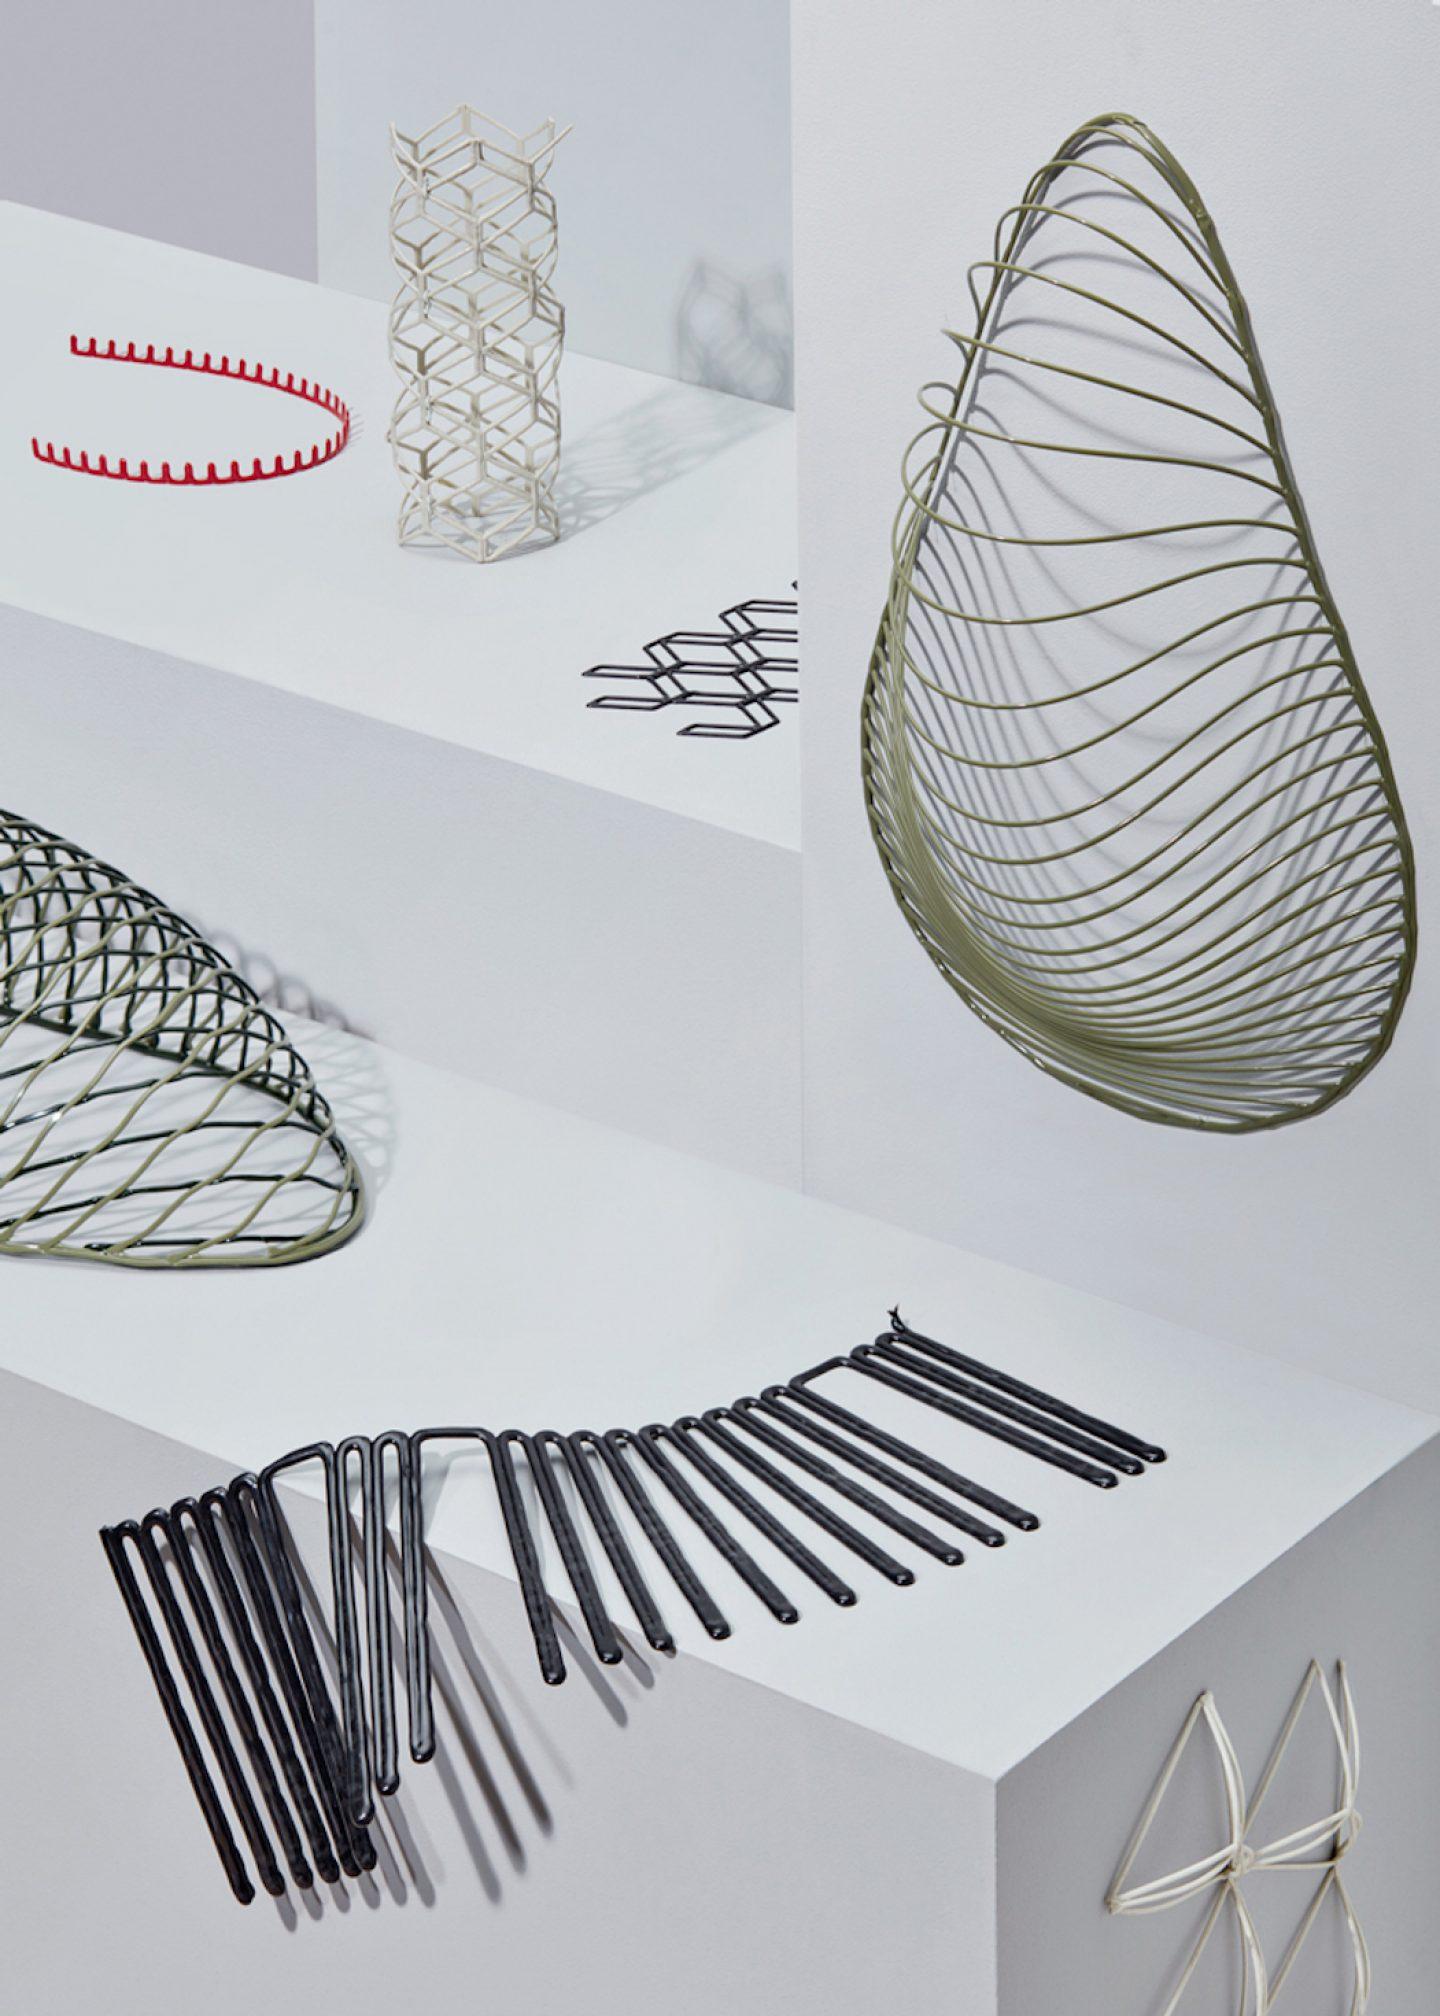 Envisions_Exhibition_Design__8_1470058515_5d592b11971fa1867ed39ed6e91ce498